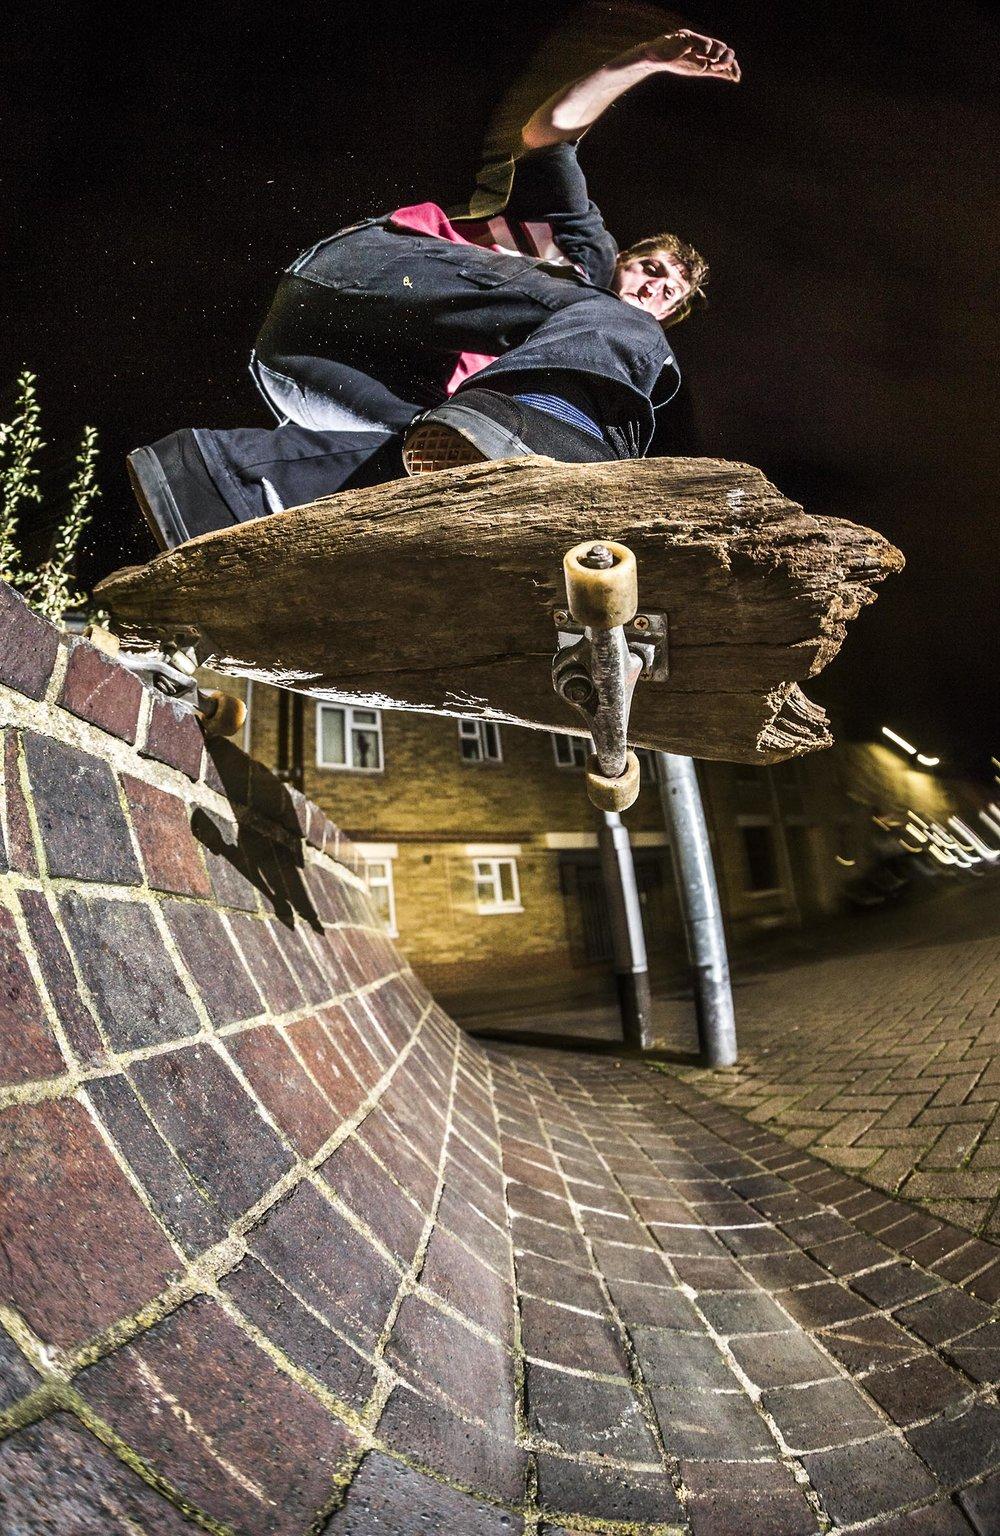 Brendan Watson - plank roll in